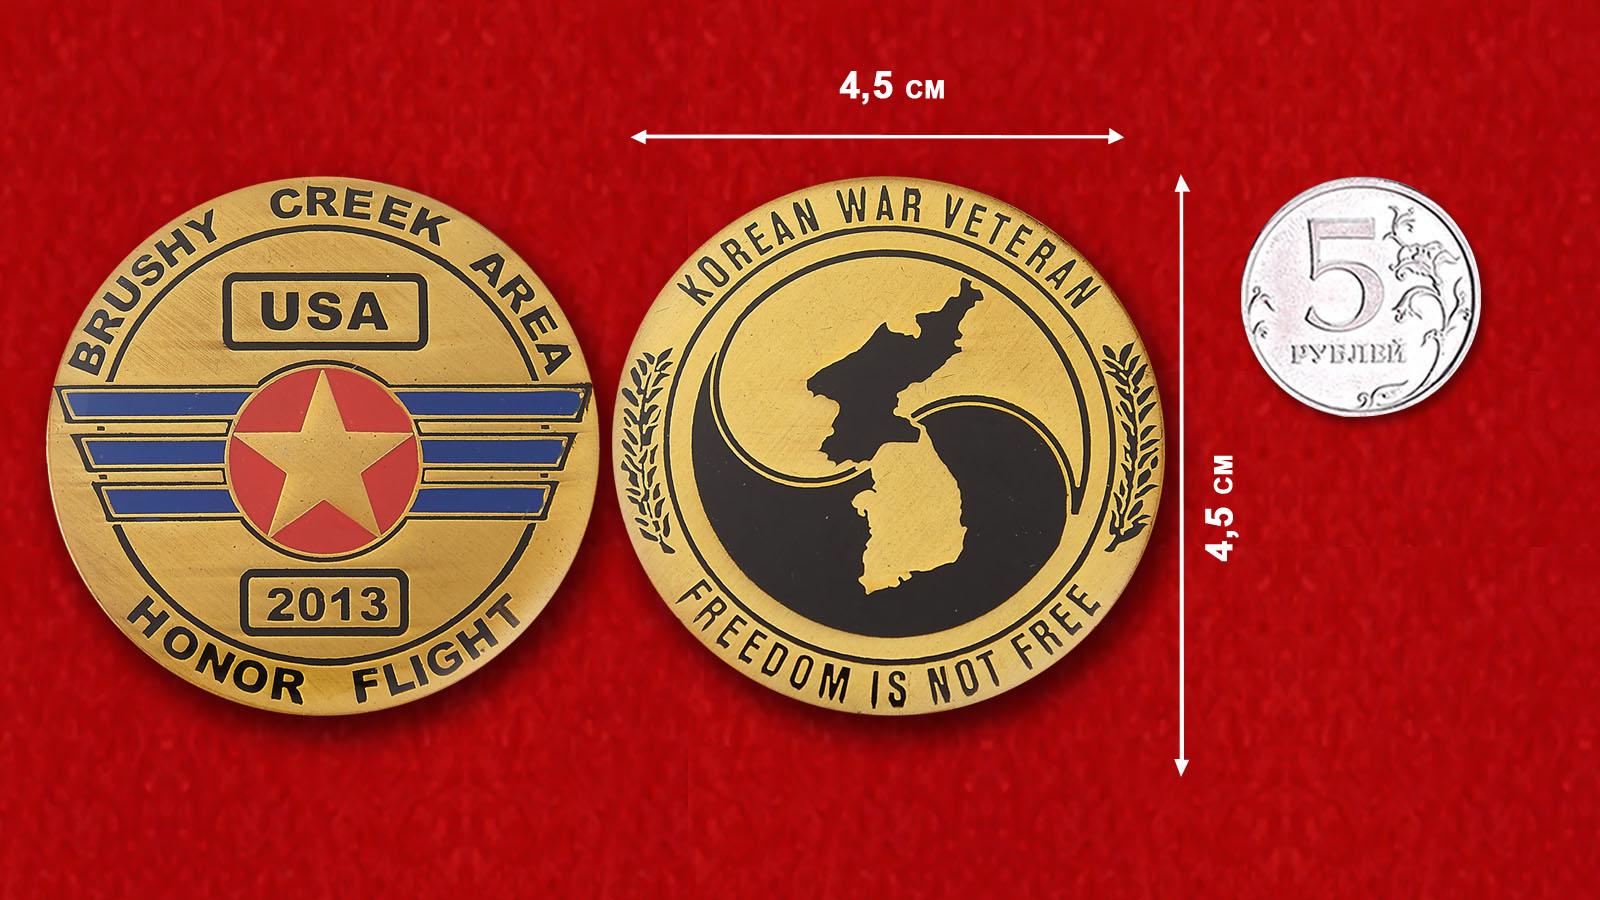 Челлендж коин в честь полета в 2013 году ветранов войныЧеллендж коин ветеранов Корейской войны - сравнительный размер